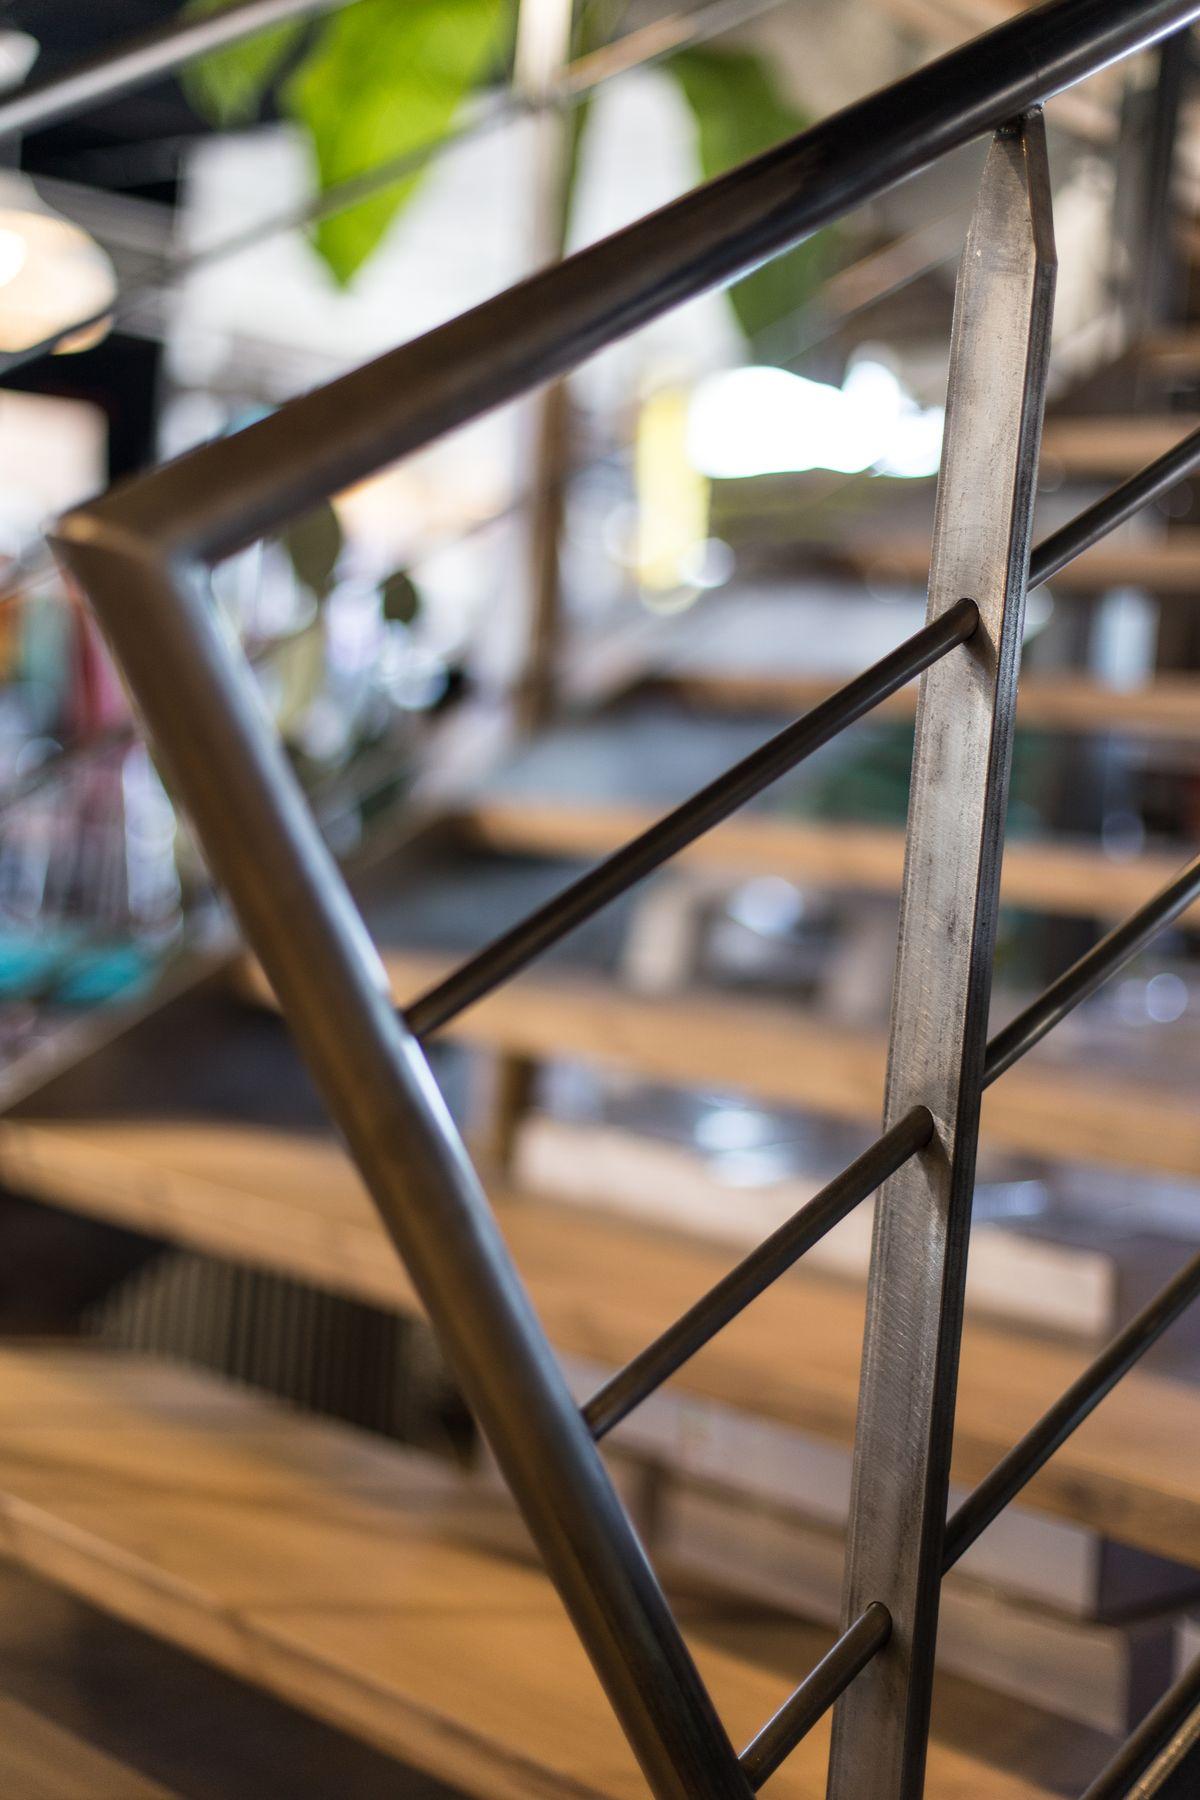 Détail d'un escalier métallique